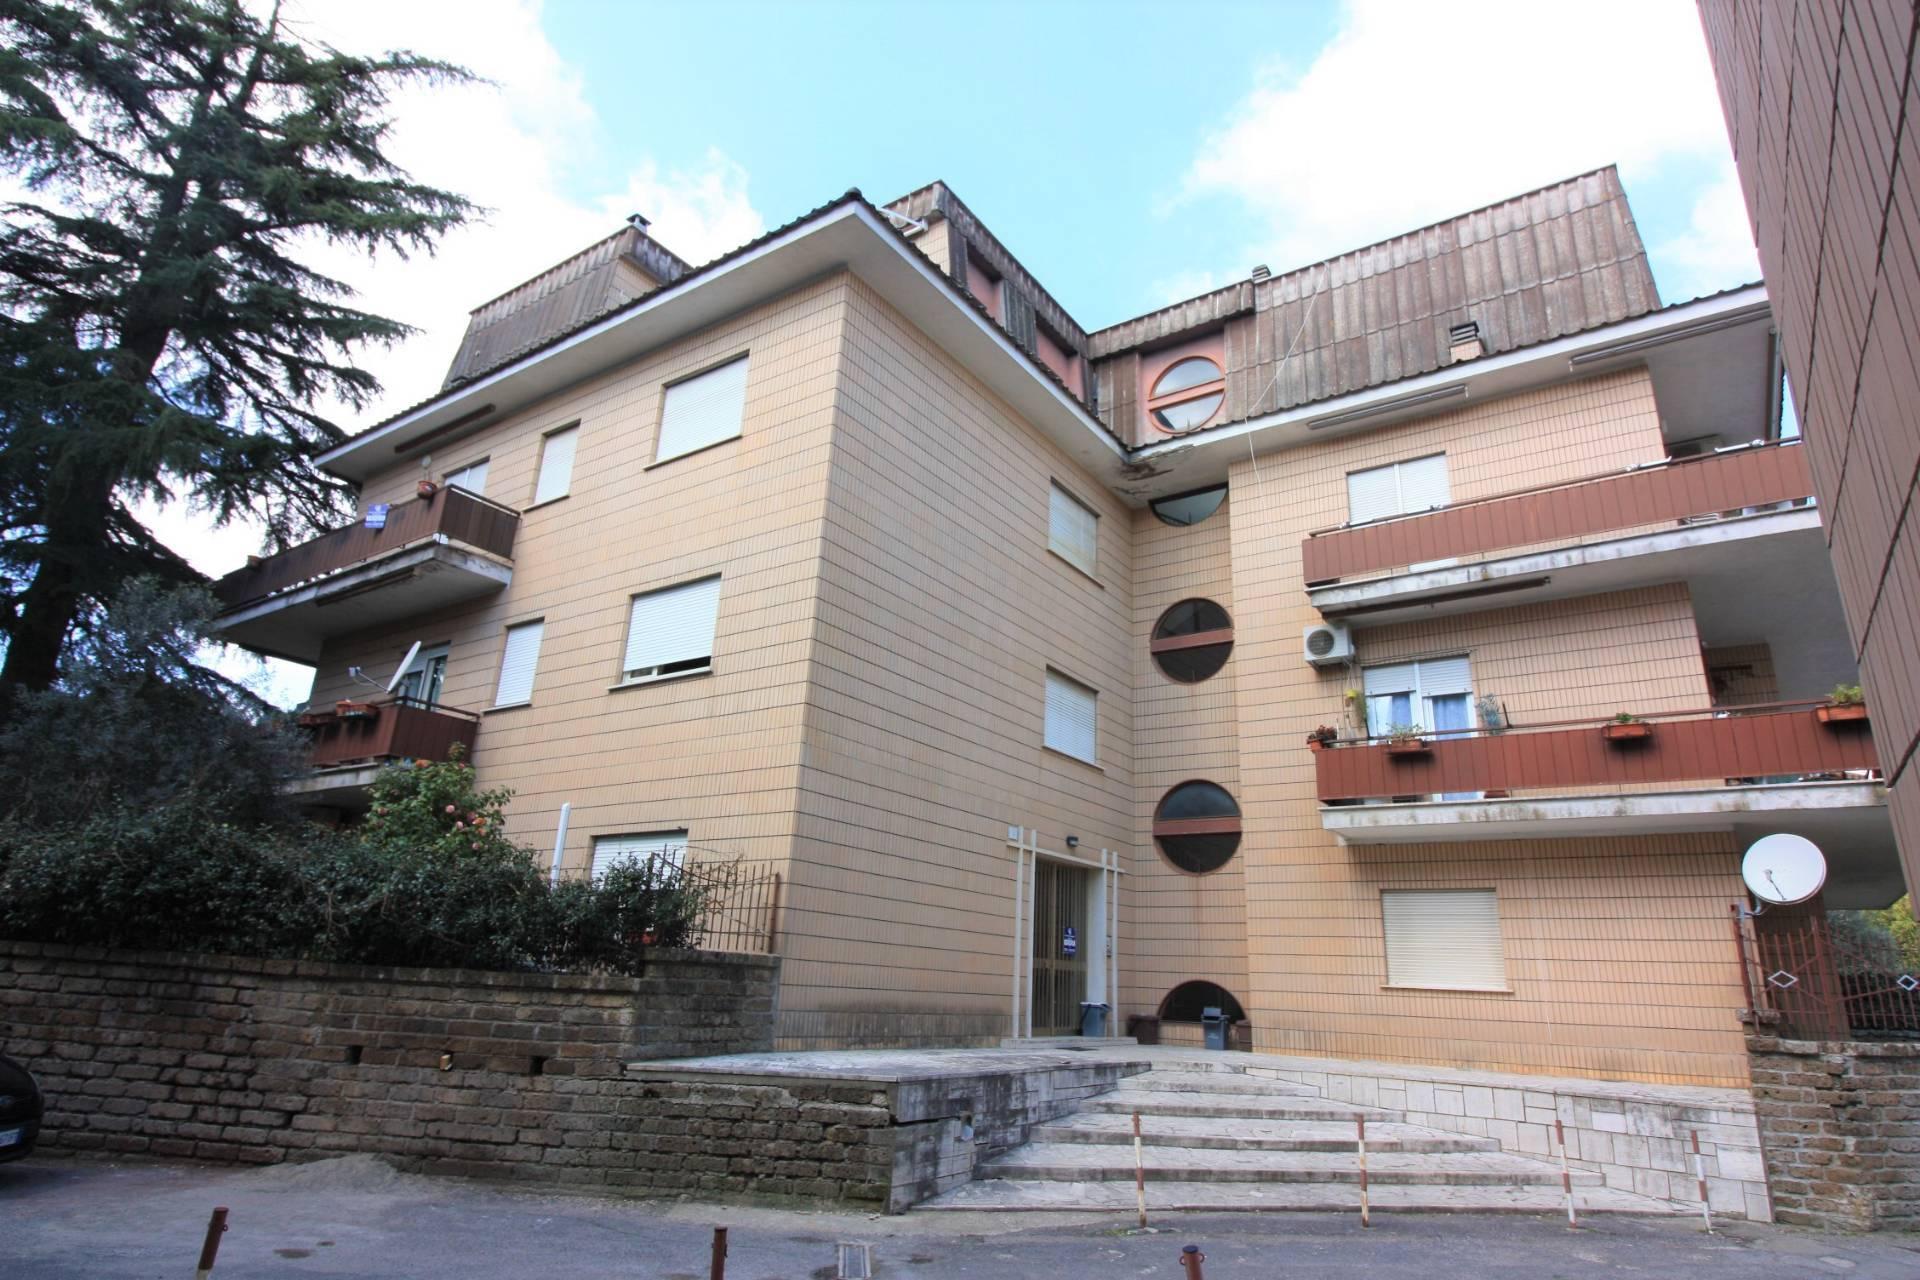 Appartamento in vendita a Ronciglione, 5 locali, zona Località: semi-centrale, prezzo € 78.000   CambioCasa.it